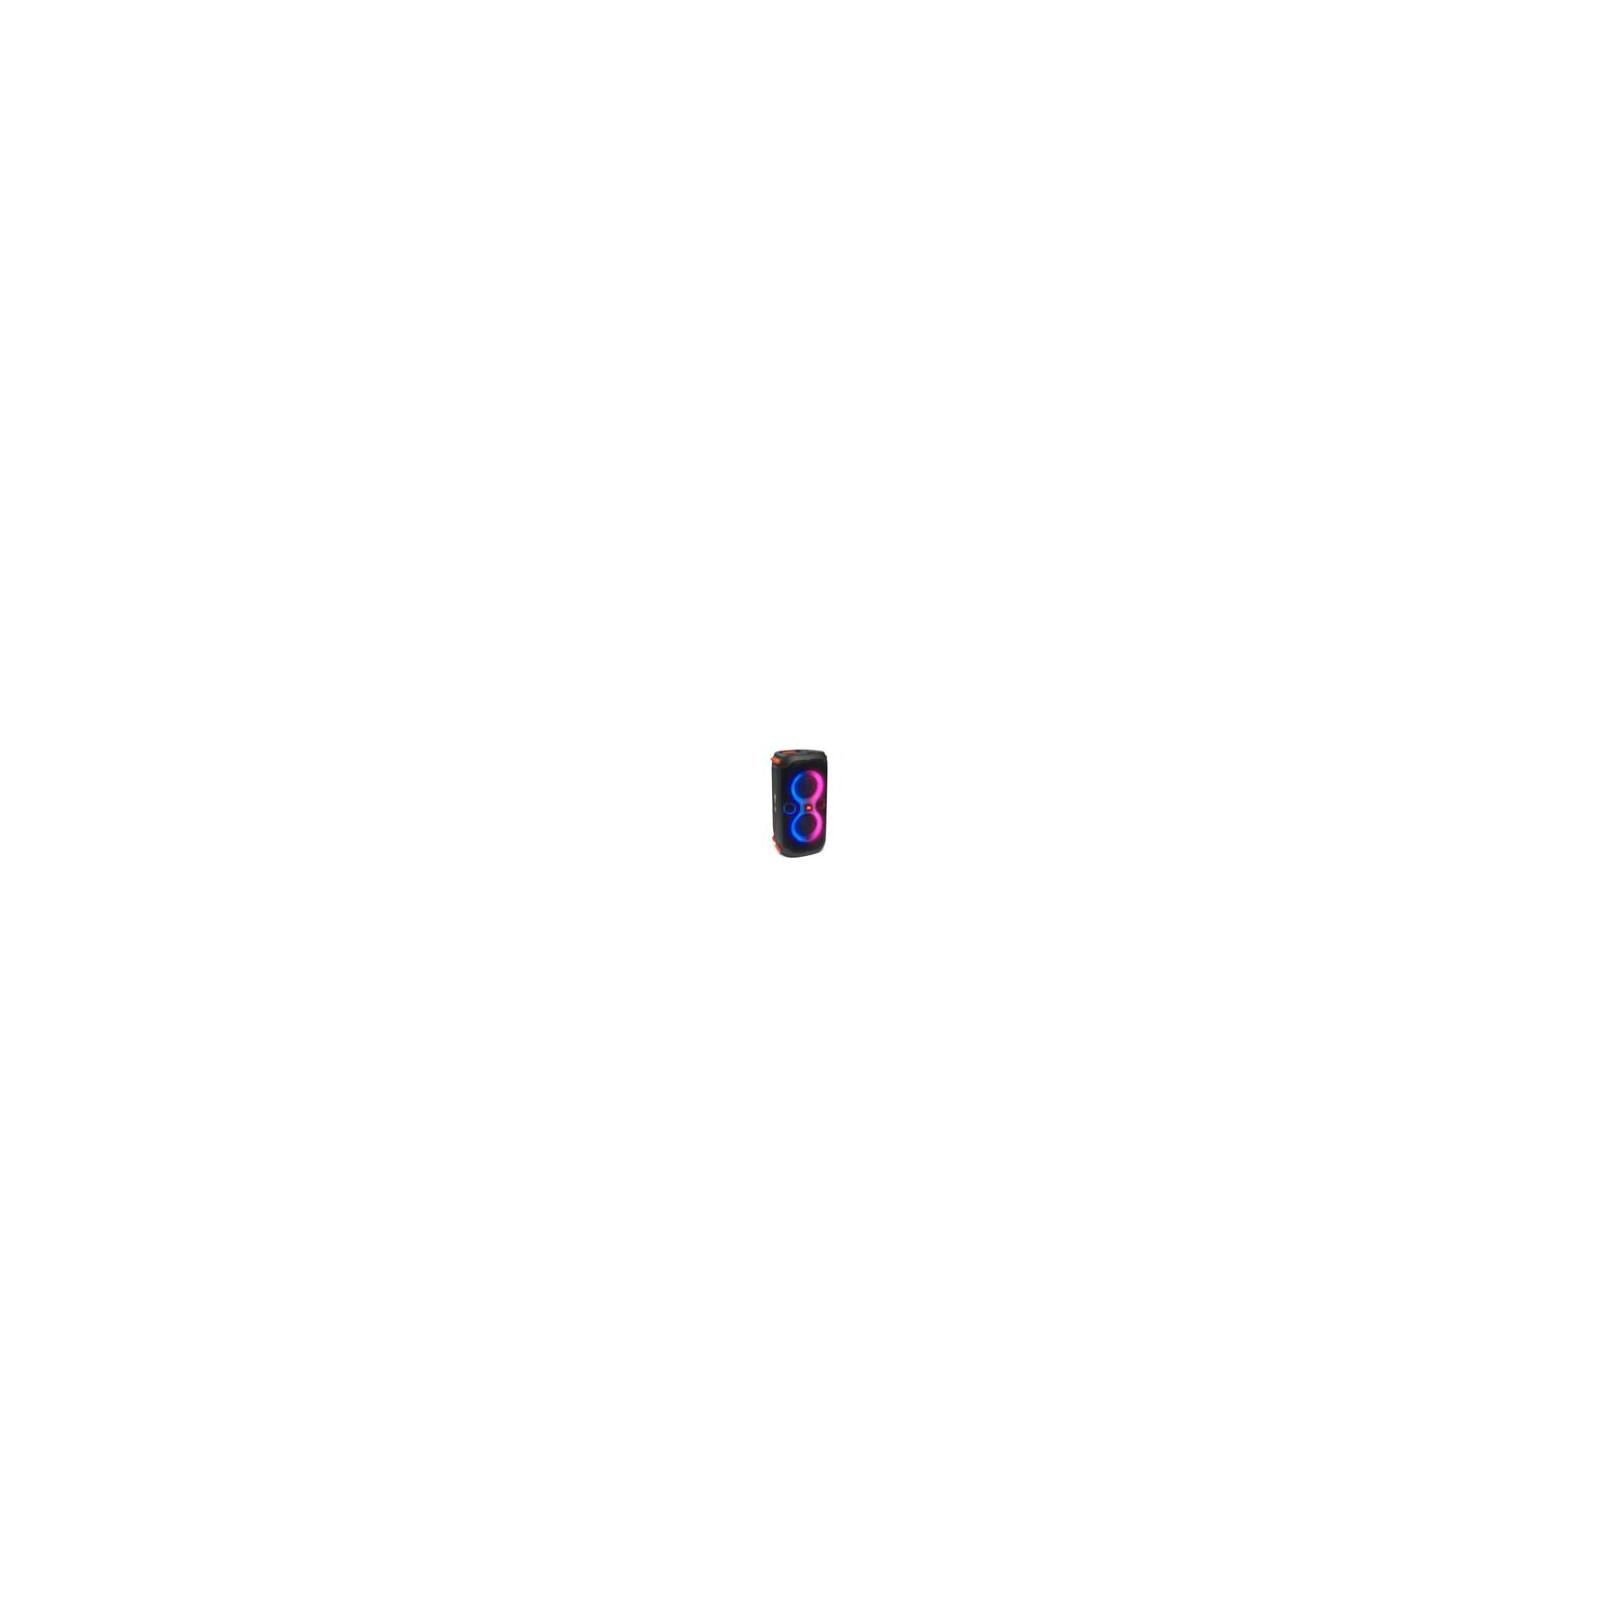 JBL Partybox 110 Partylautsprecher mit Lichteffekt